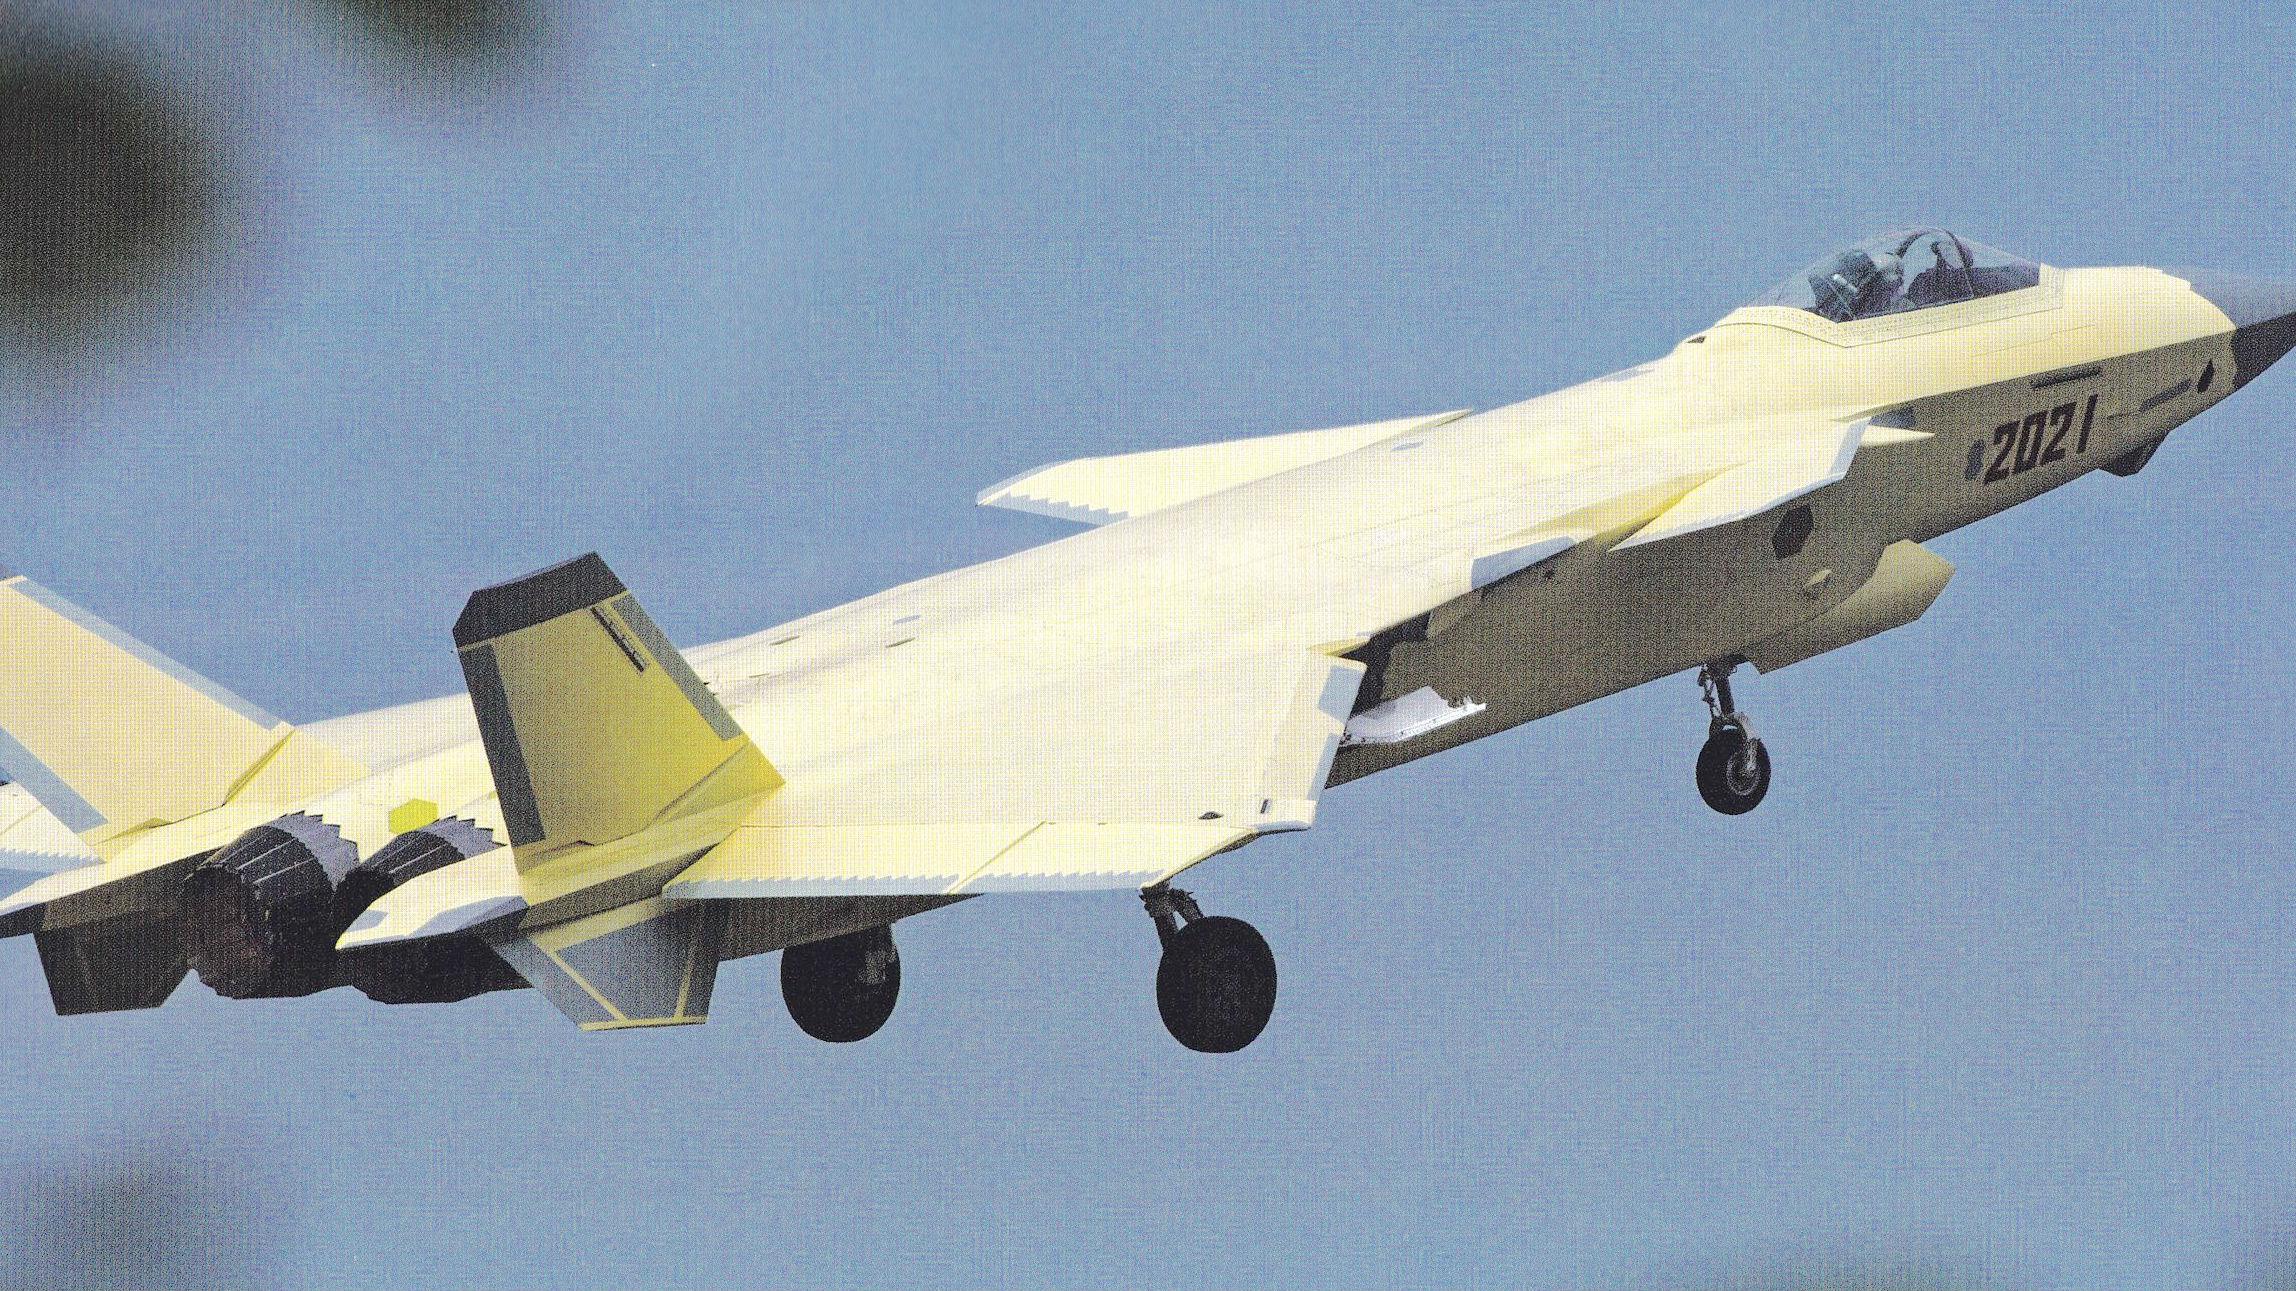 美媒称中国歼-20隐身战机已换装国产发动机试飞